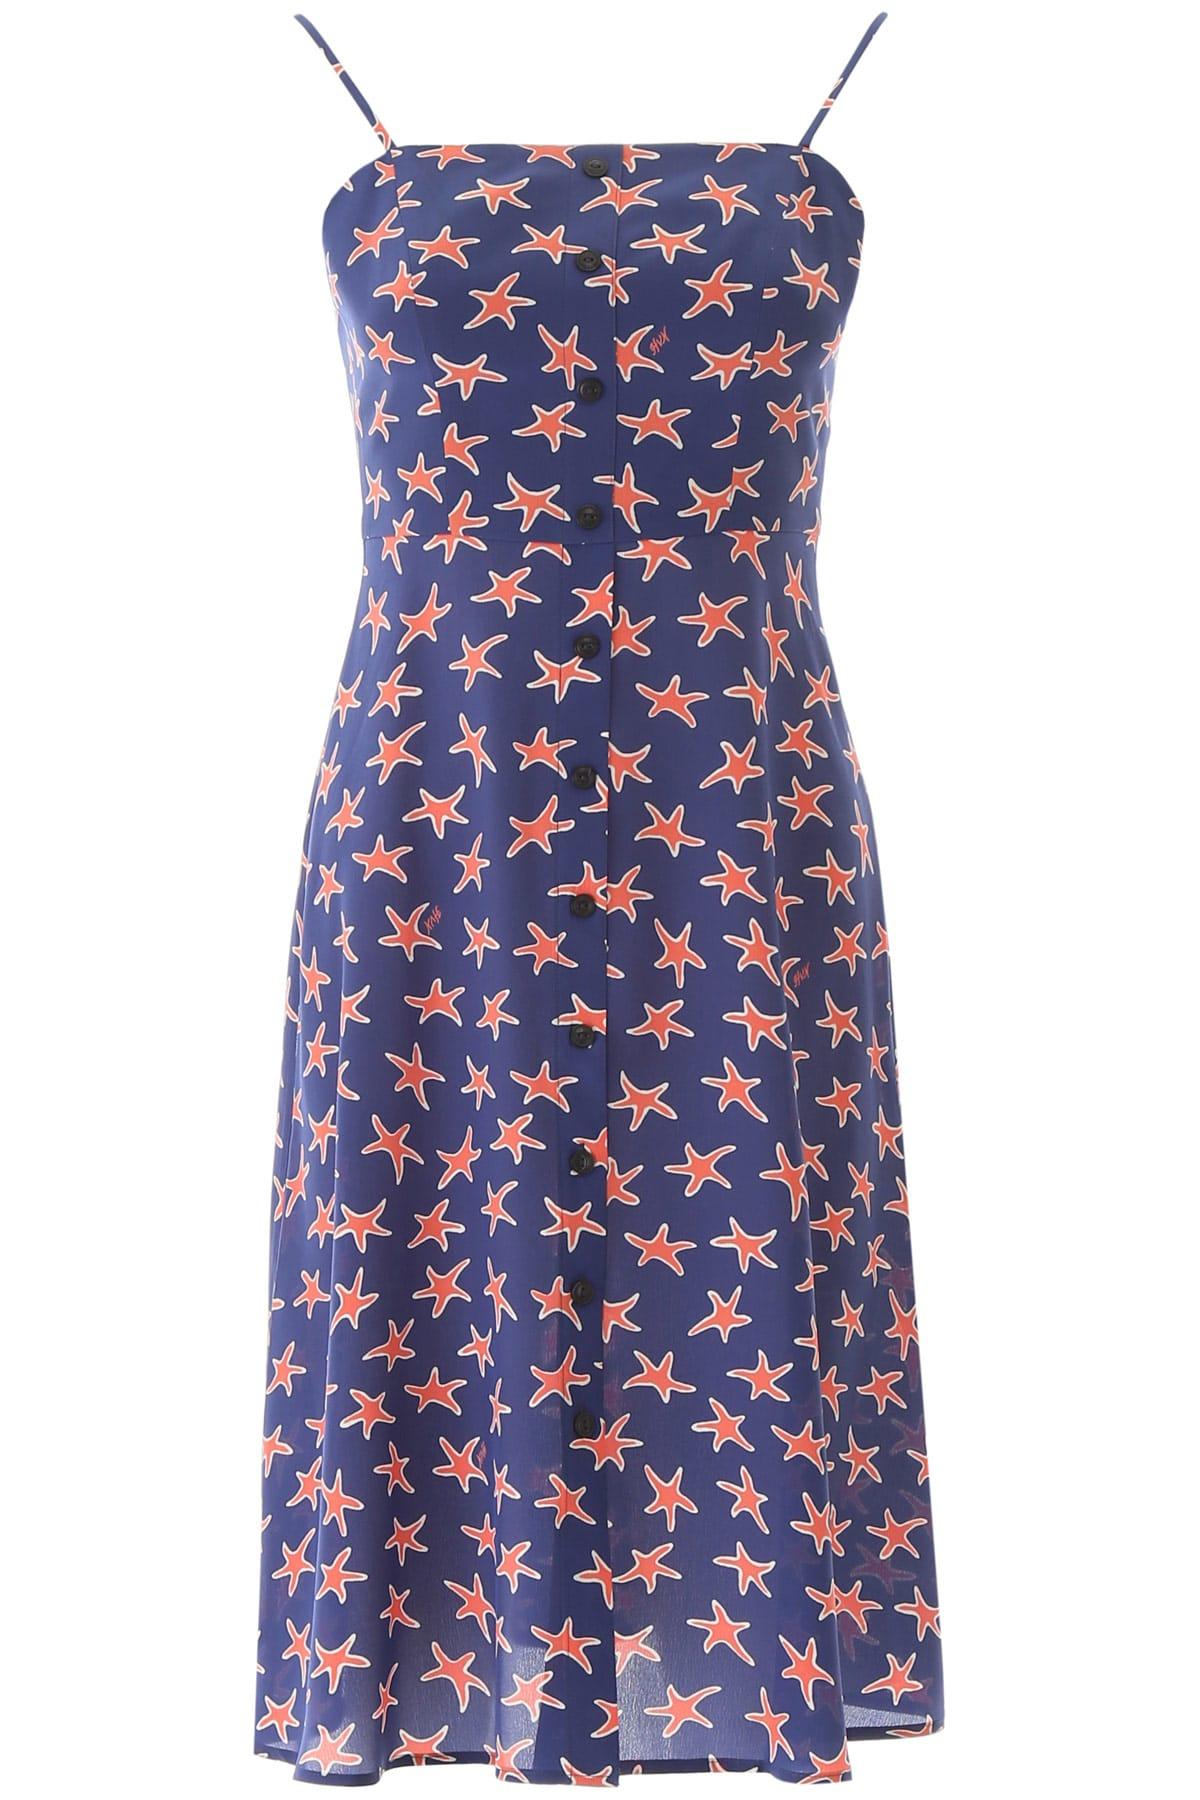 HVN Atlanta Starfish Dress